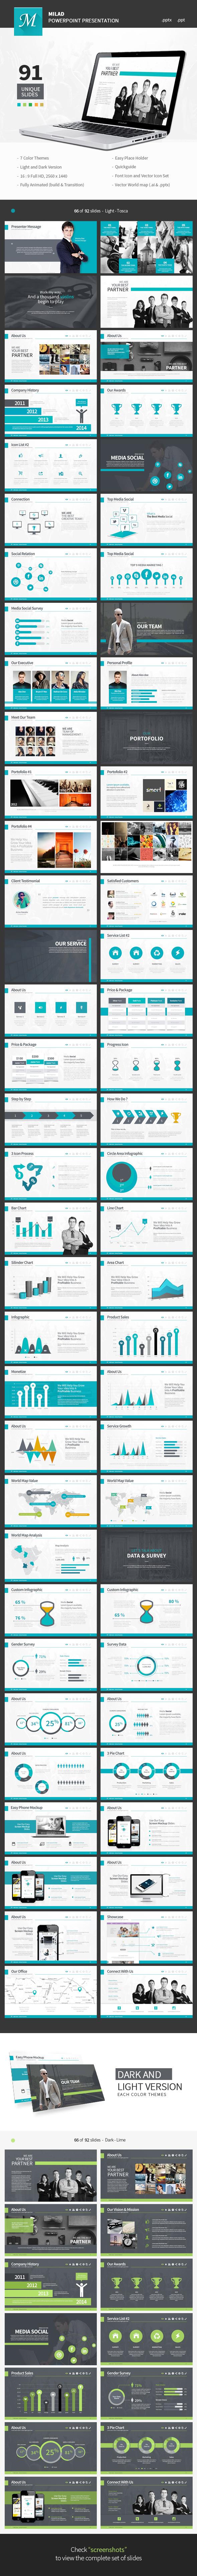 Milad - Powerpoint Presentation - PowerPoint Templates Presentation Templates